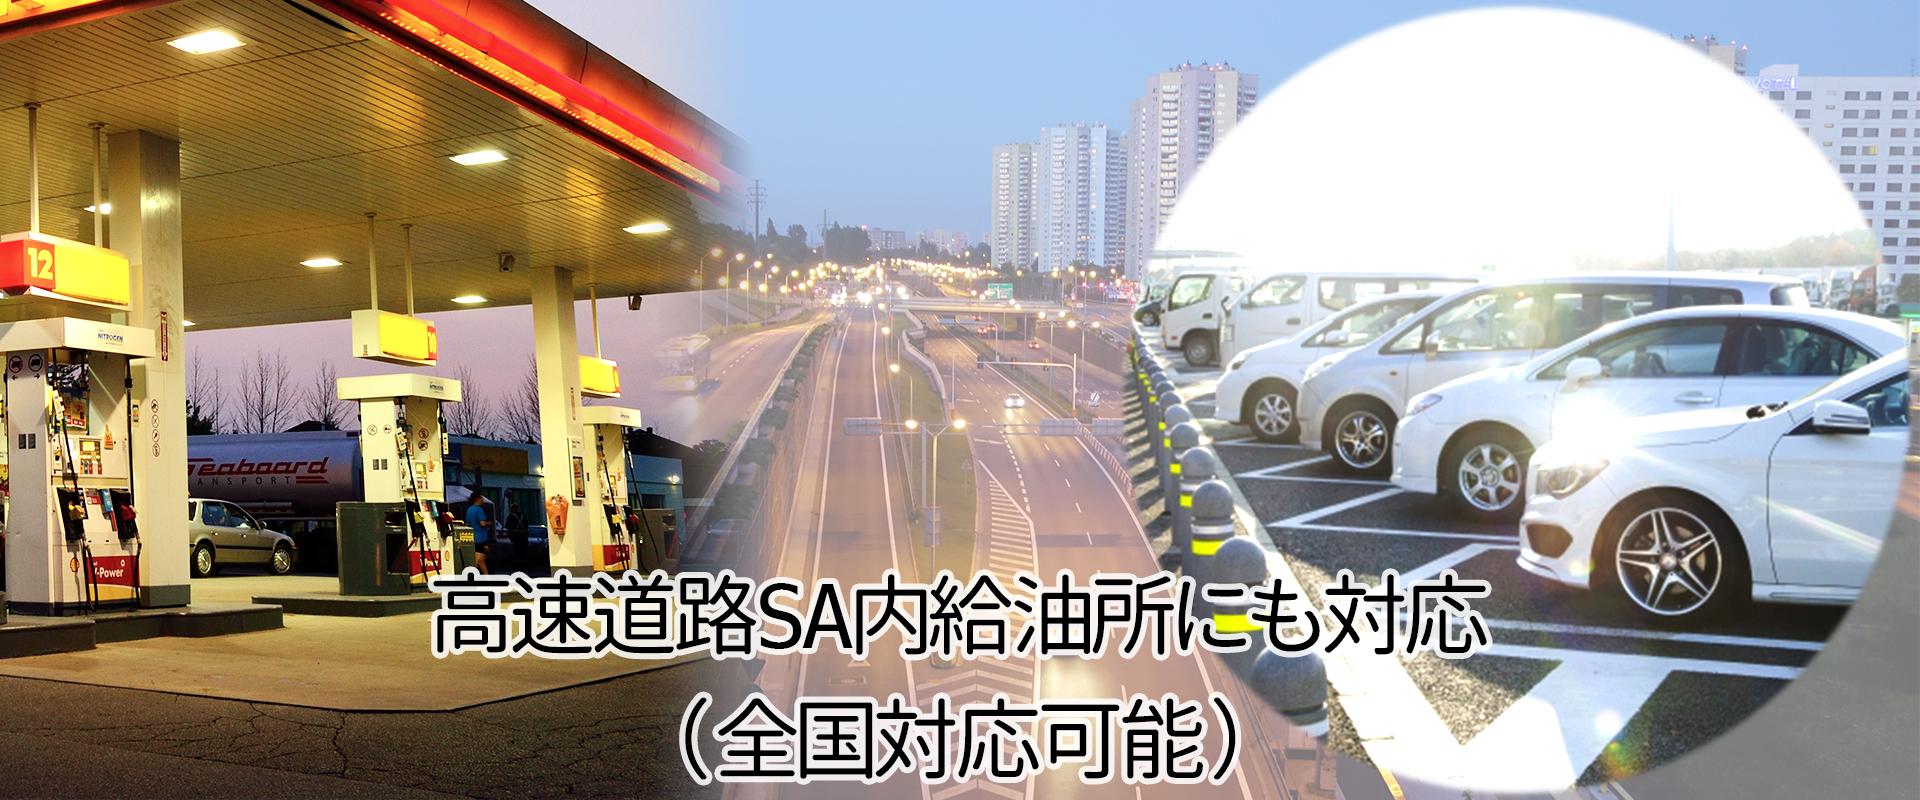 高速道路SA内給油所にも対応-(全国対応可能)